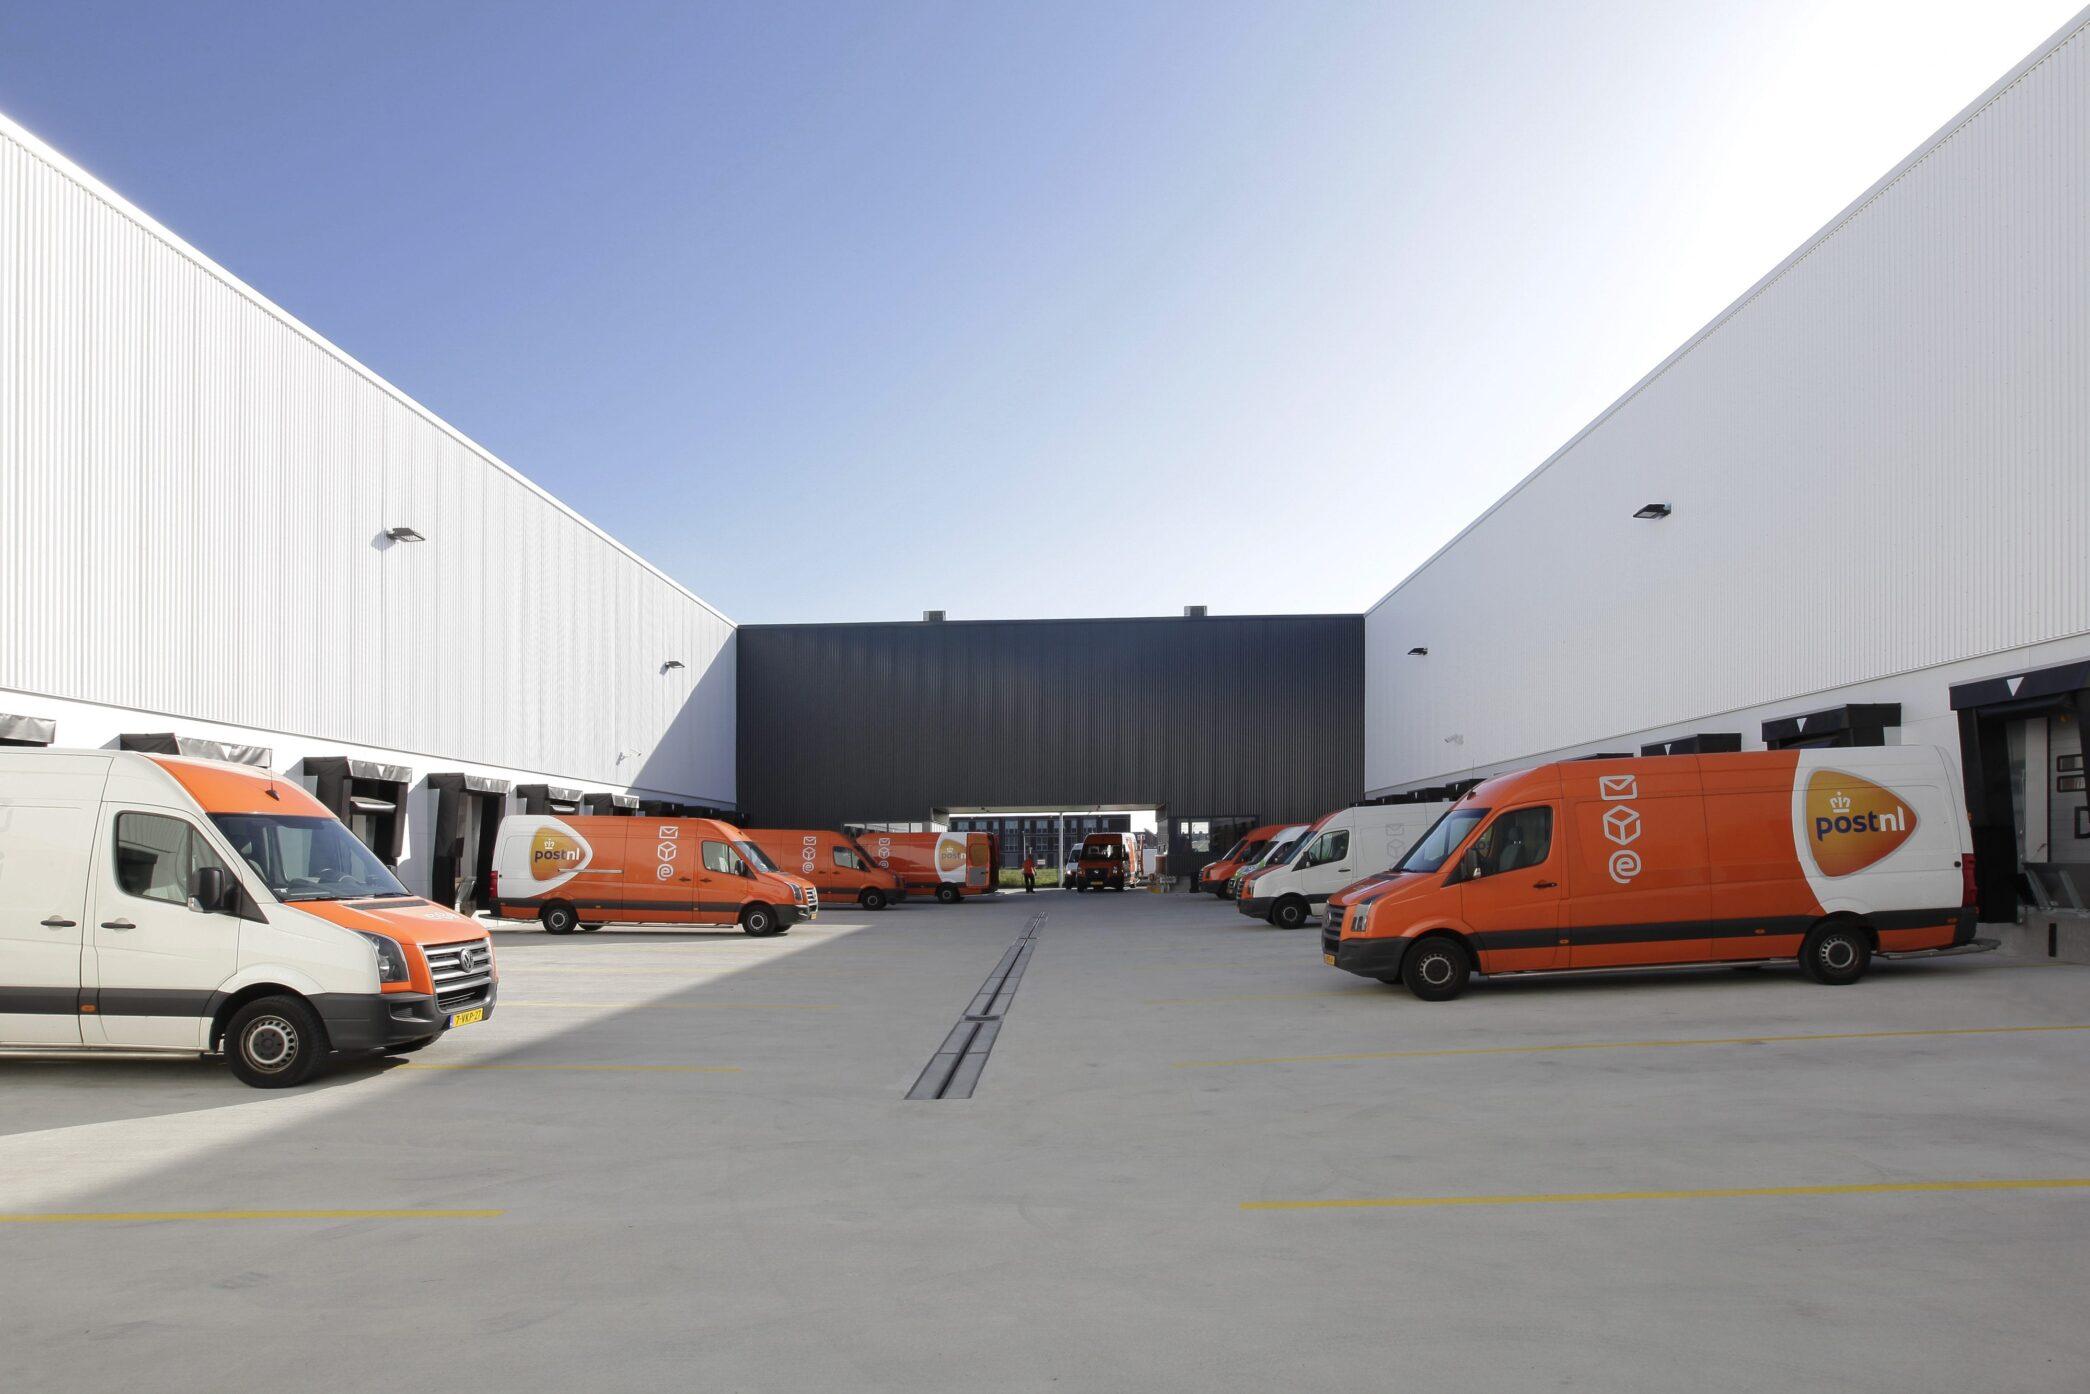 PostNL Pakketten zes nieuwe locaties